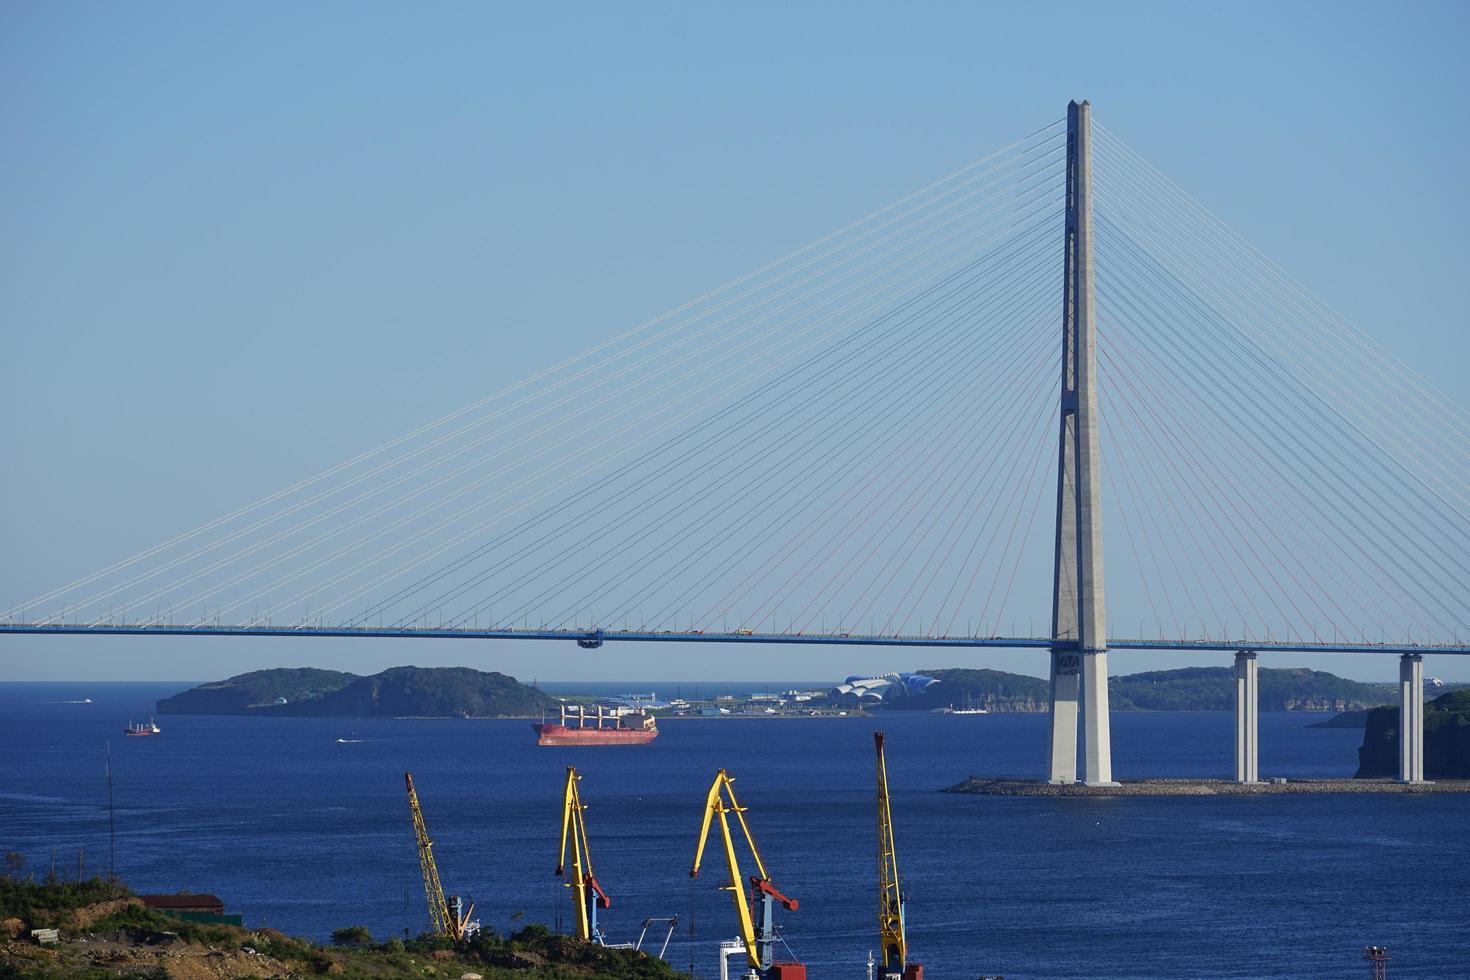 zeegezicht van russky brug en een kustlijn met bouwkranen in Vladivostok, Rusland foto